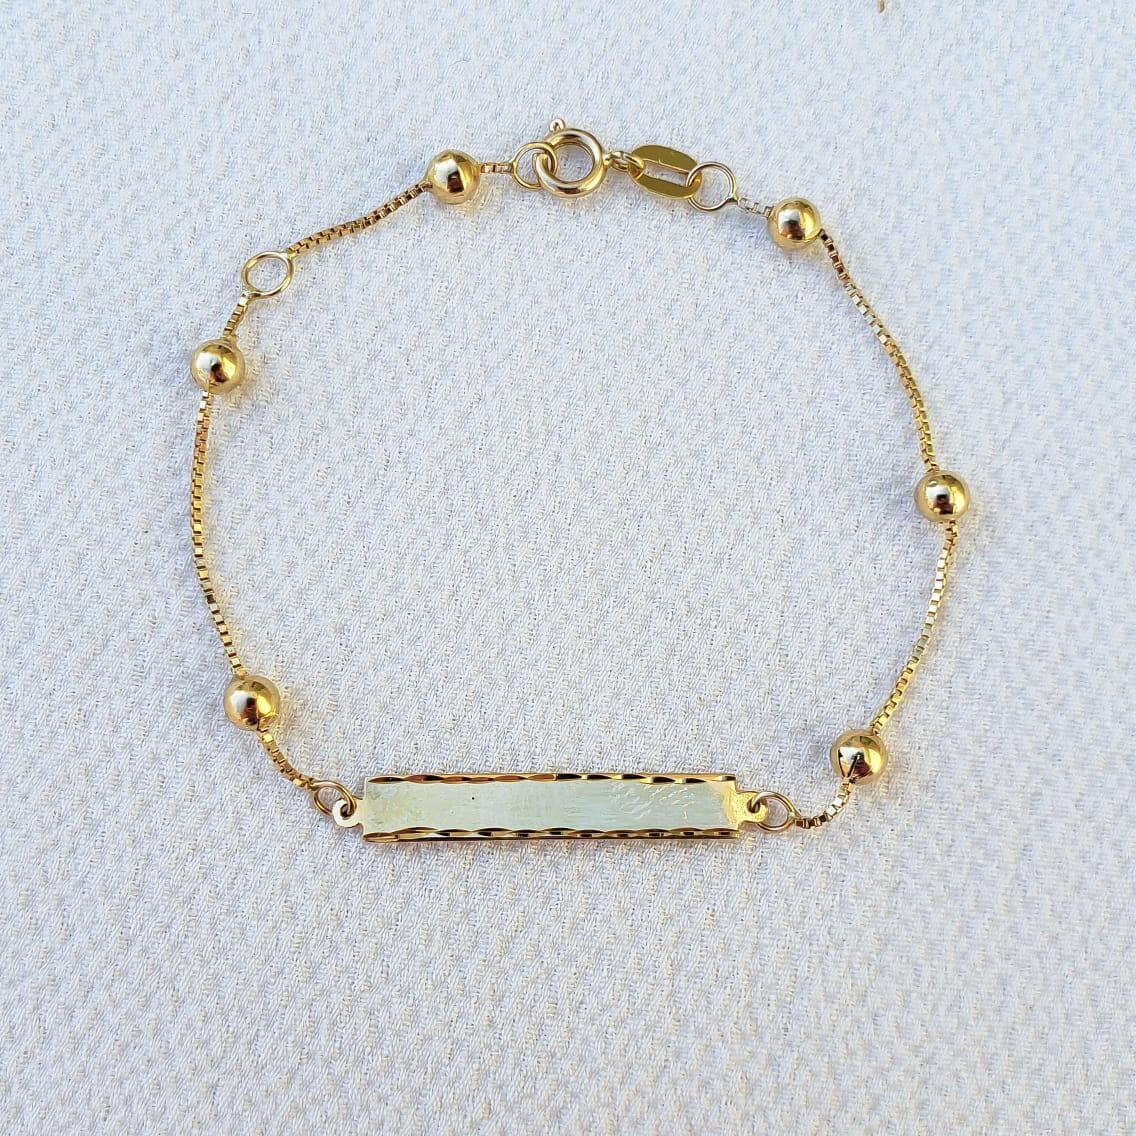 Pulseira Plaquinha e Bolinhas  em Ouro 18k 13,5cm